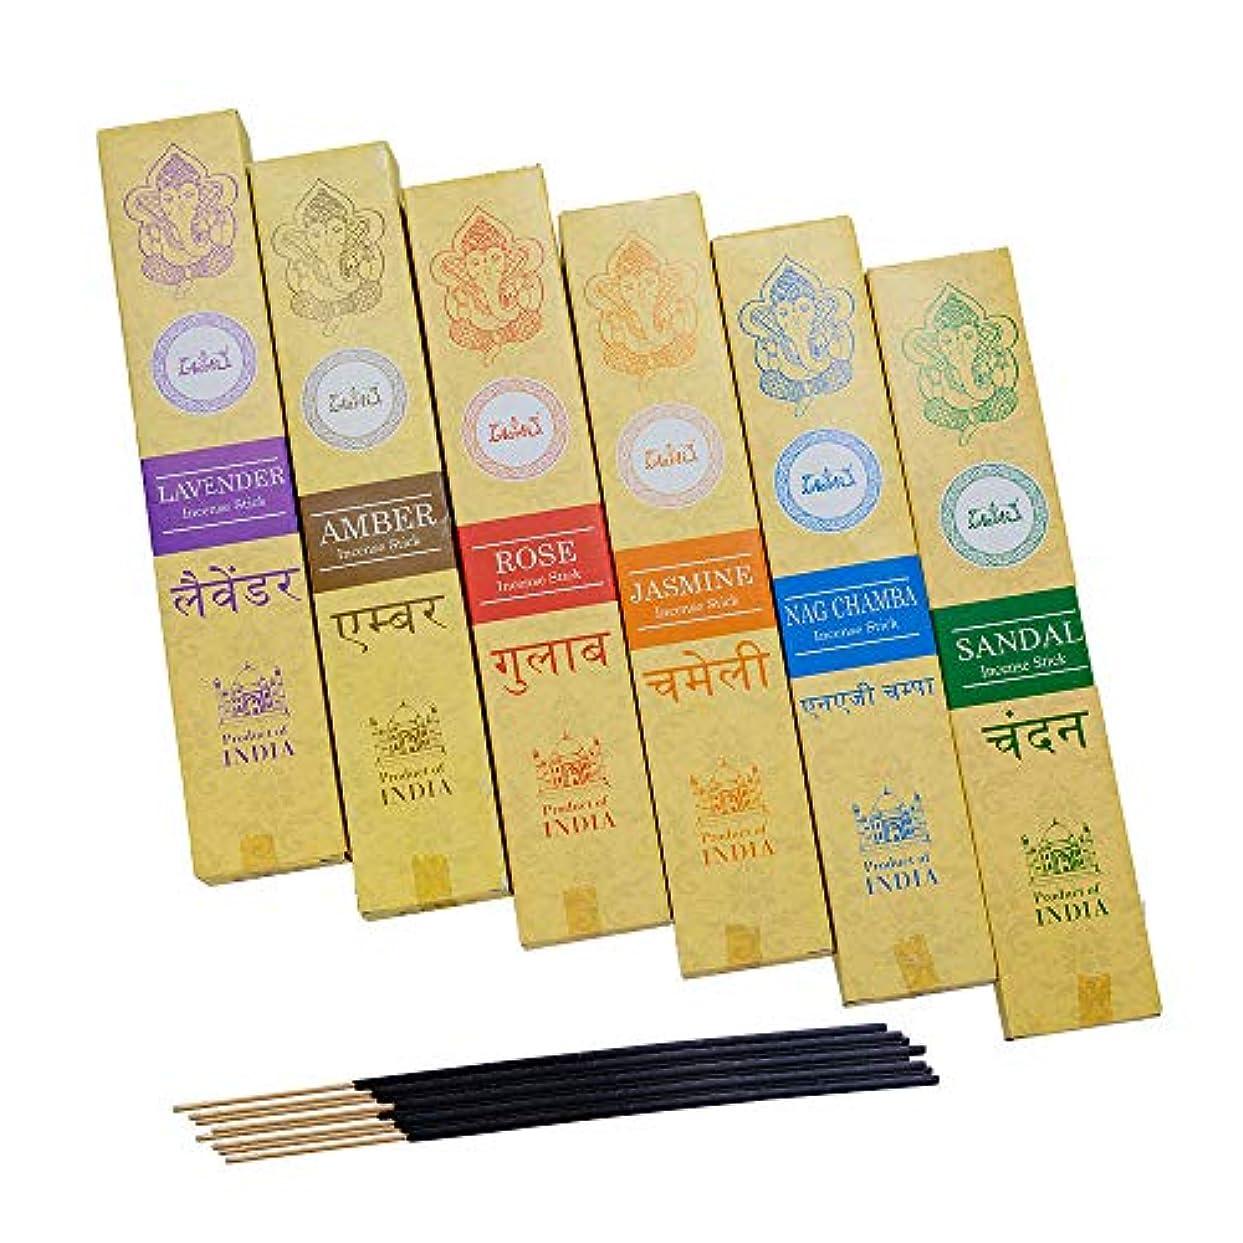 一致ありがたい消す神戸アールティー インド お香 6種類 セット スティック インセンス